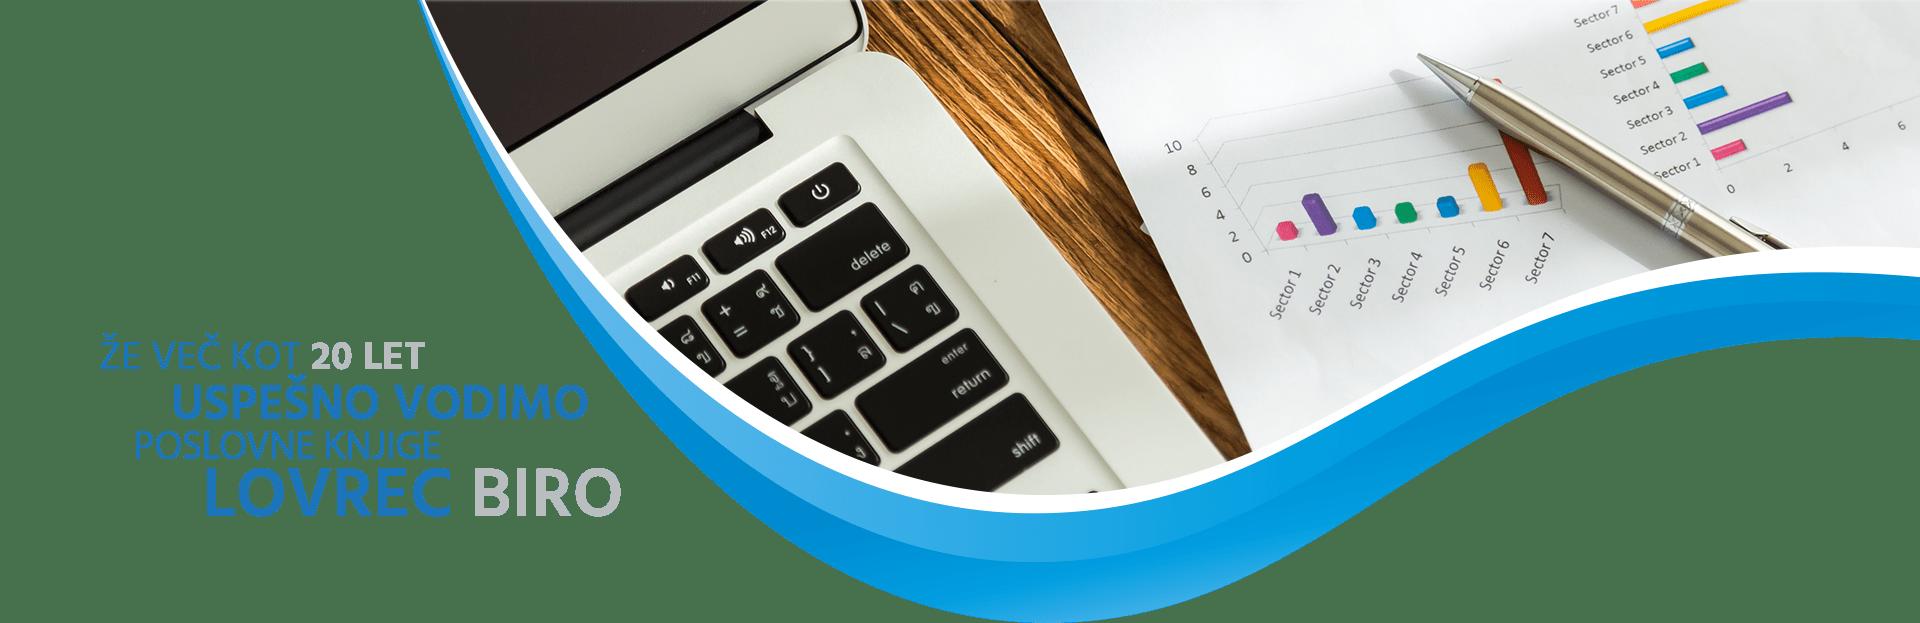 LOVREC BIRO, Obdelava računovodskih, knjigovodskih in drugih podatkov, davčna napoved, računovodski servis, osebne finance, Ljutomer - lovrecbiro-slider-image-txt-with-txt-2